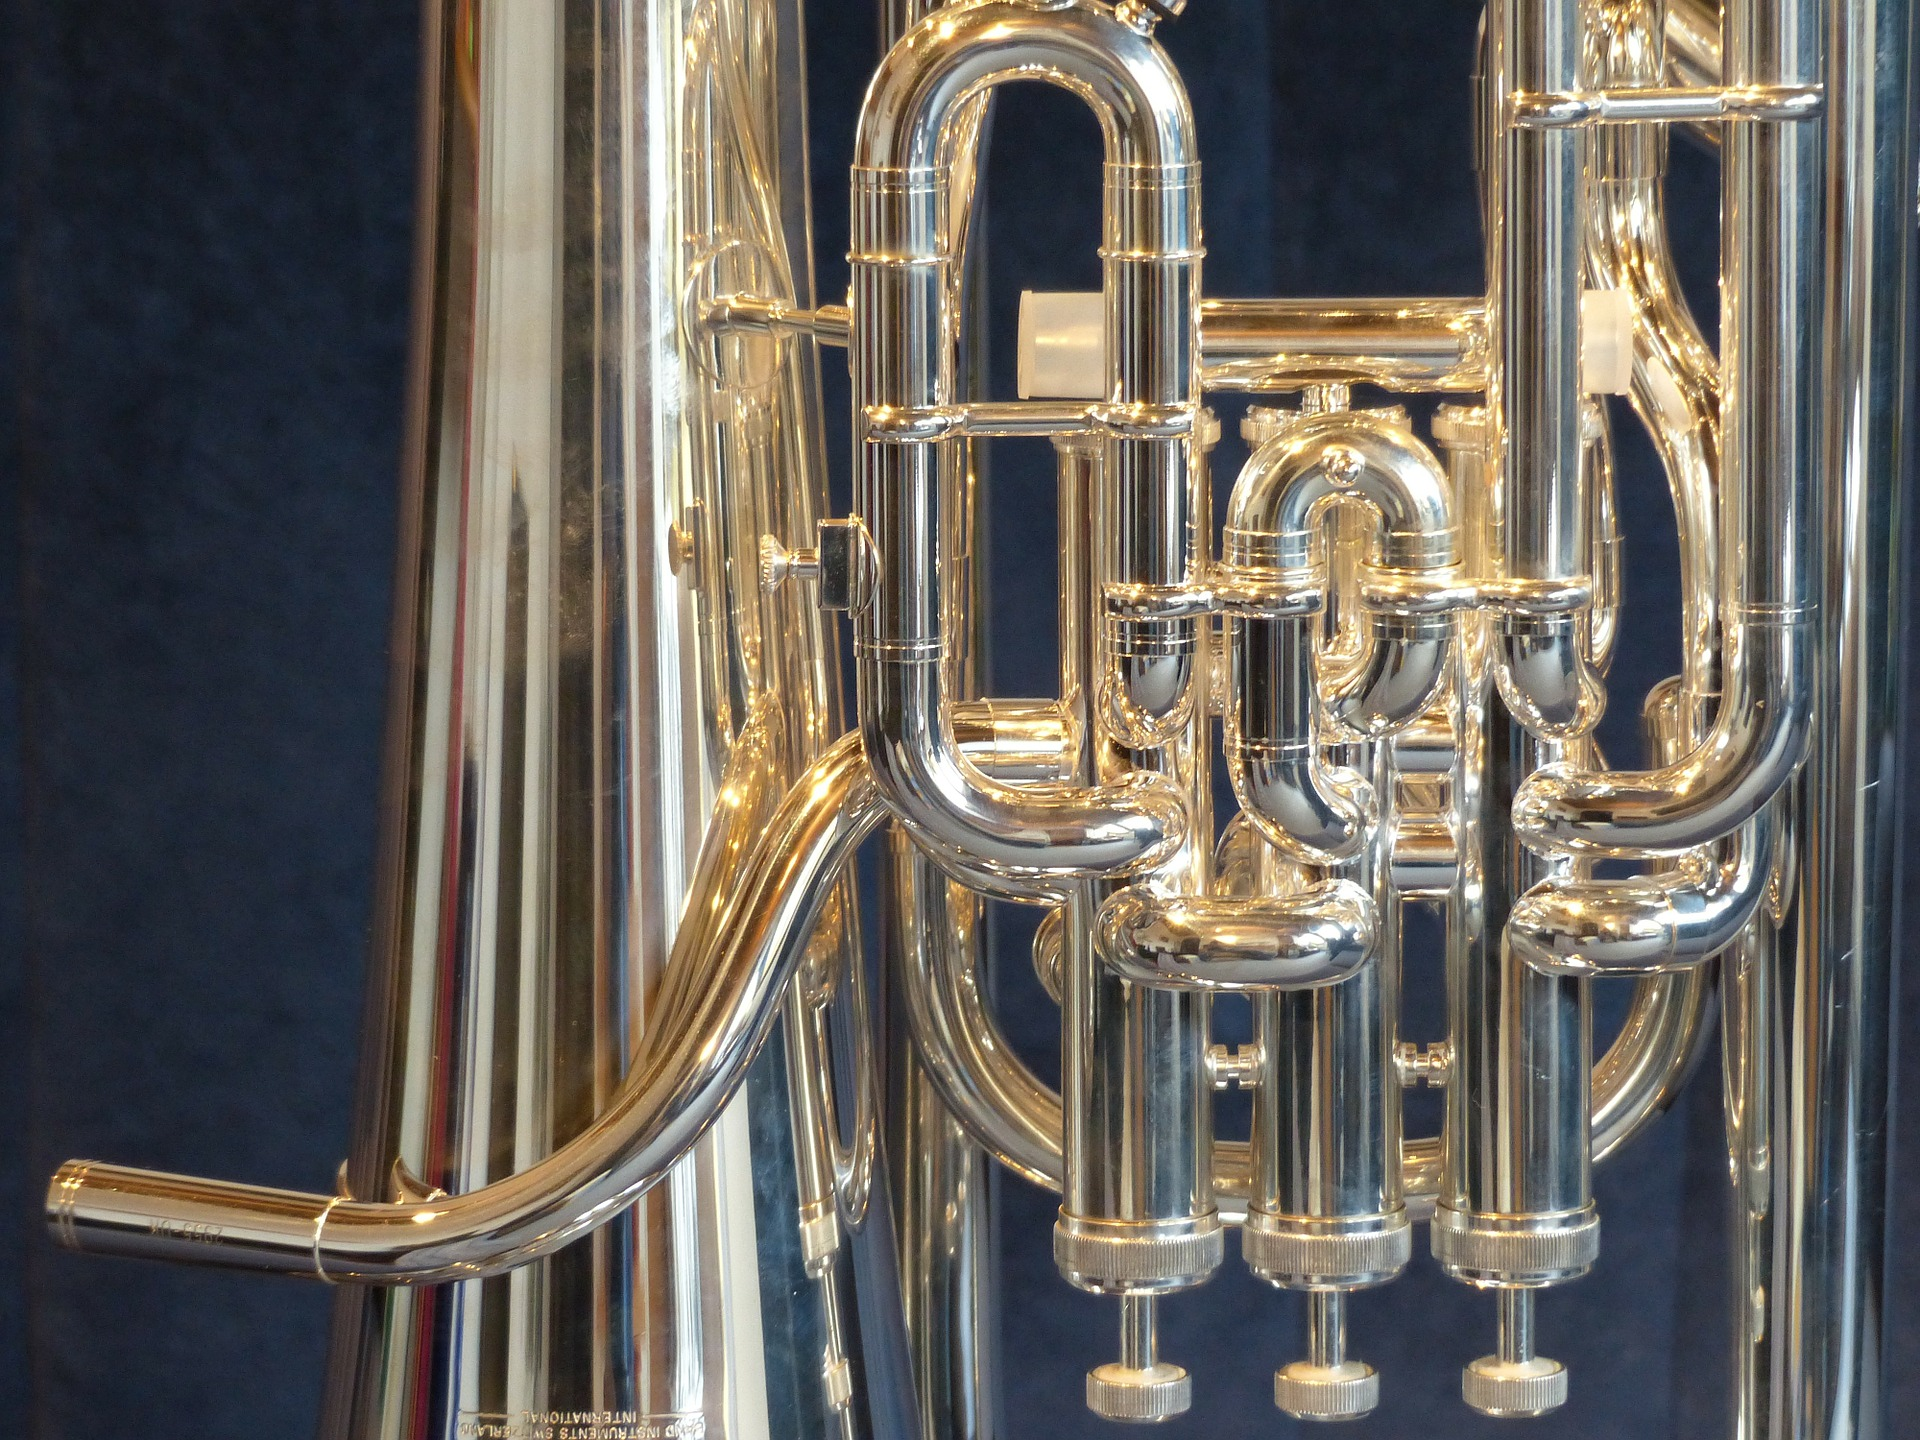 euphonium-93844_1920